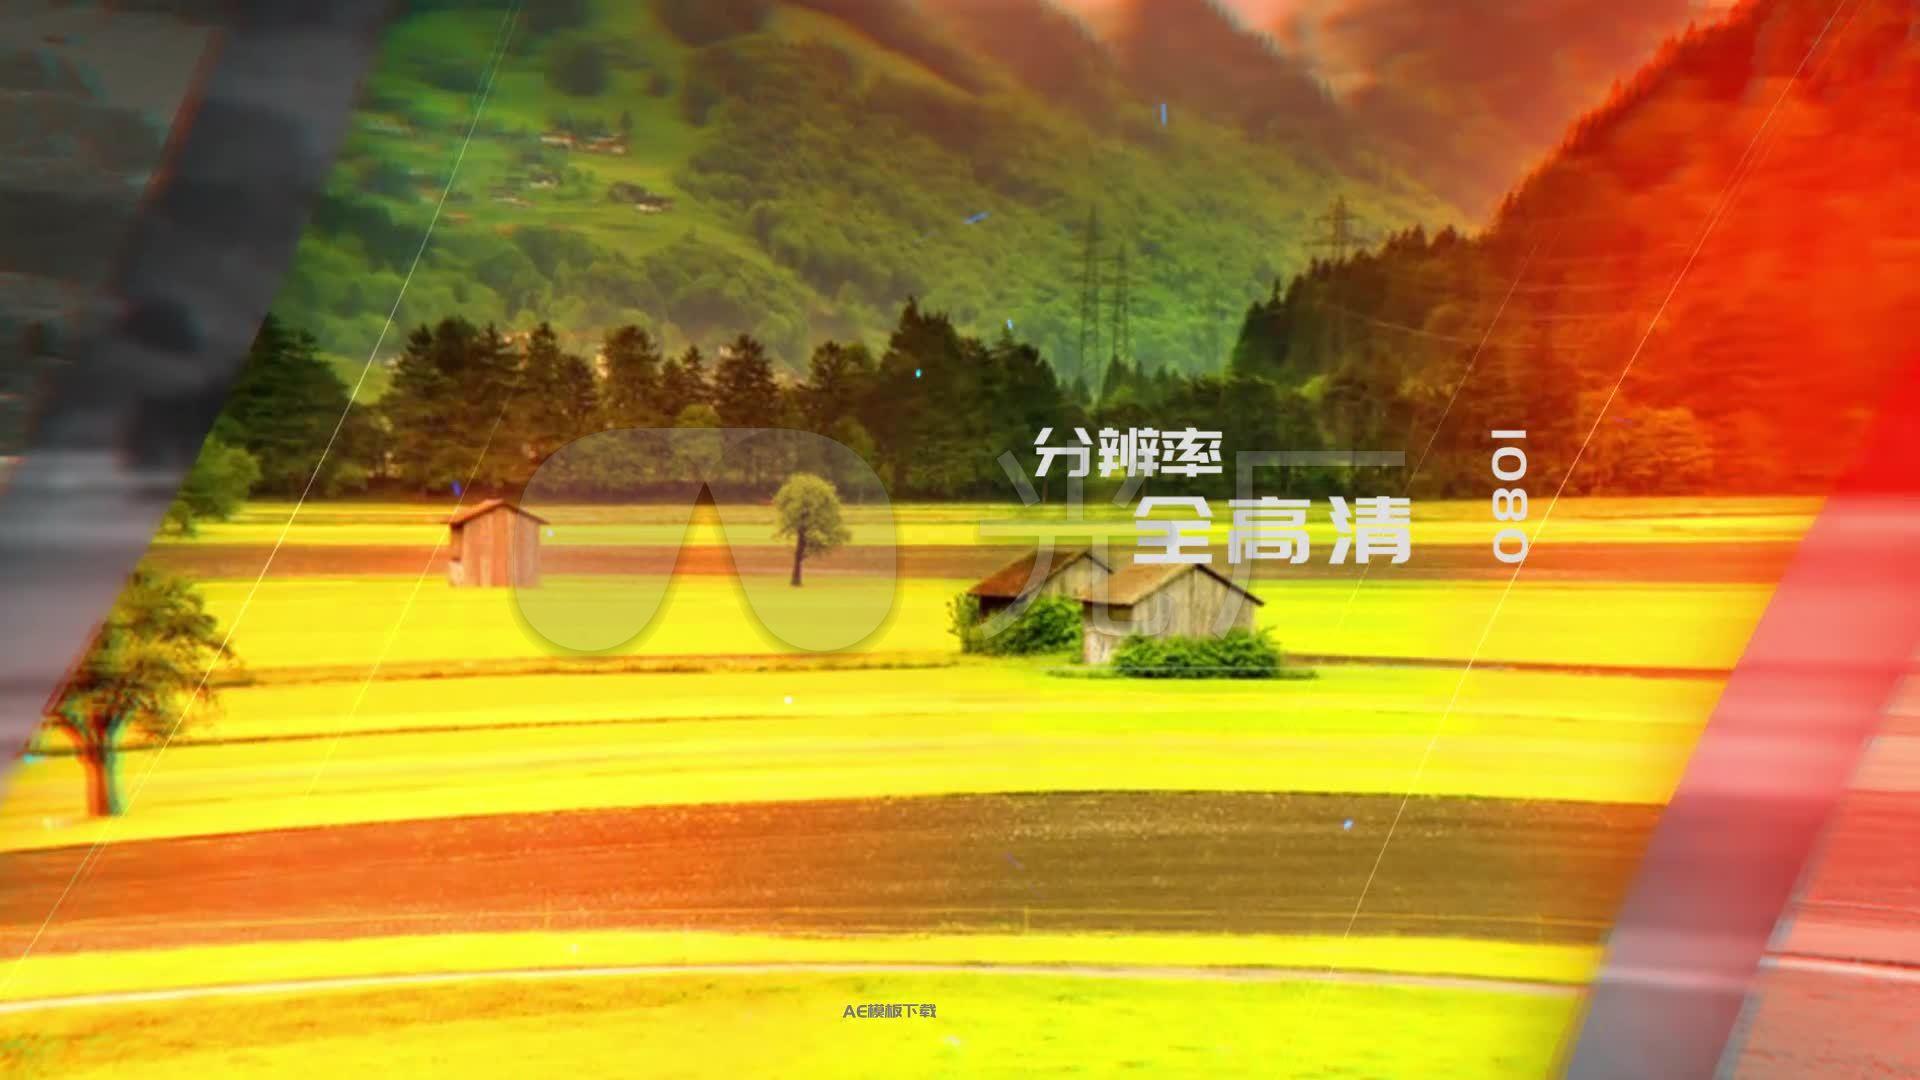 现代回忆风景动画照片写真相册ae模板